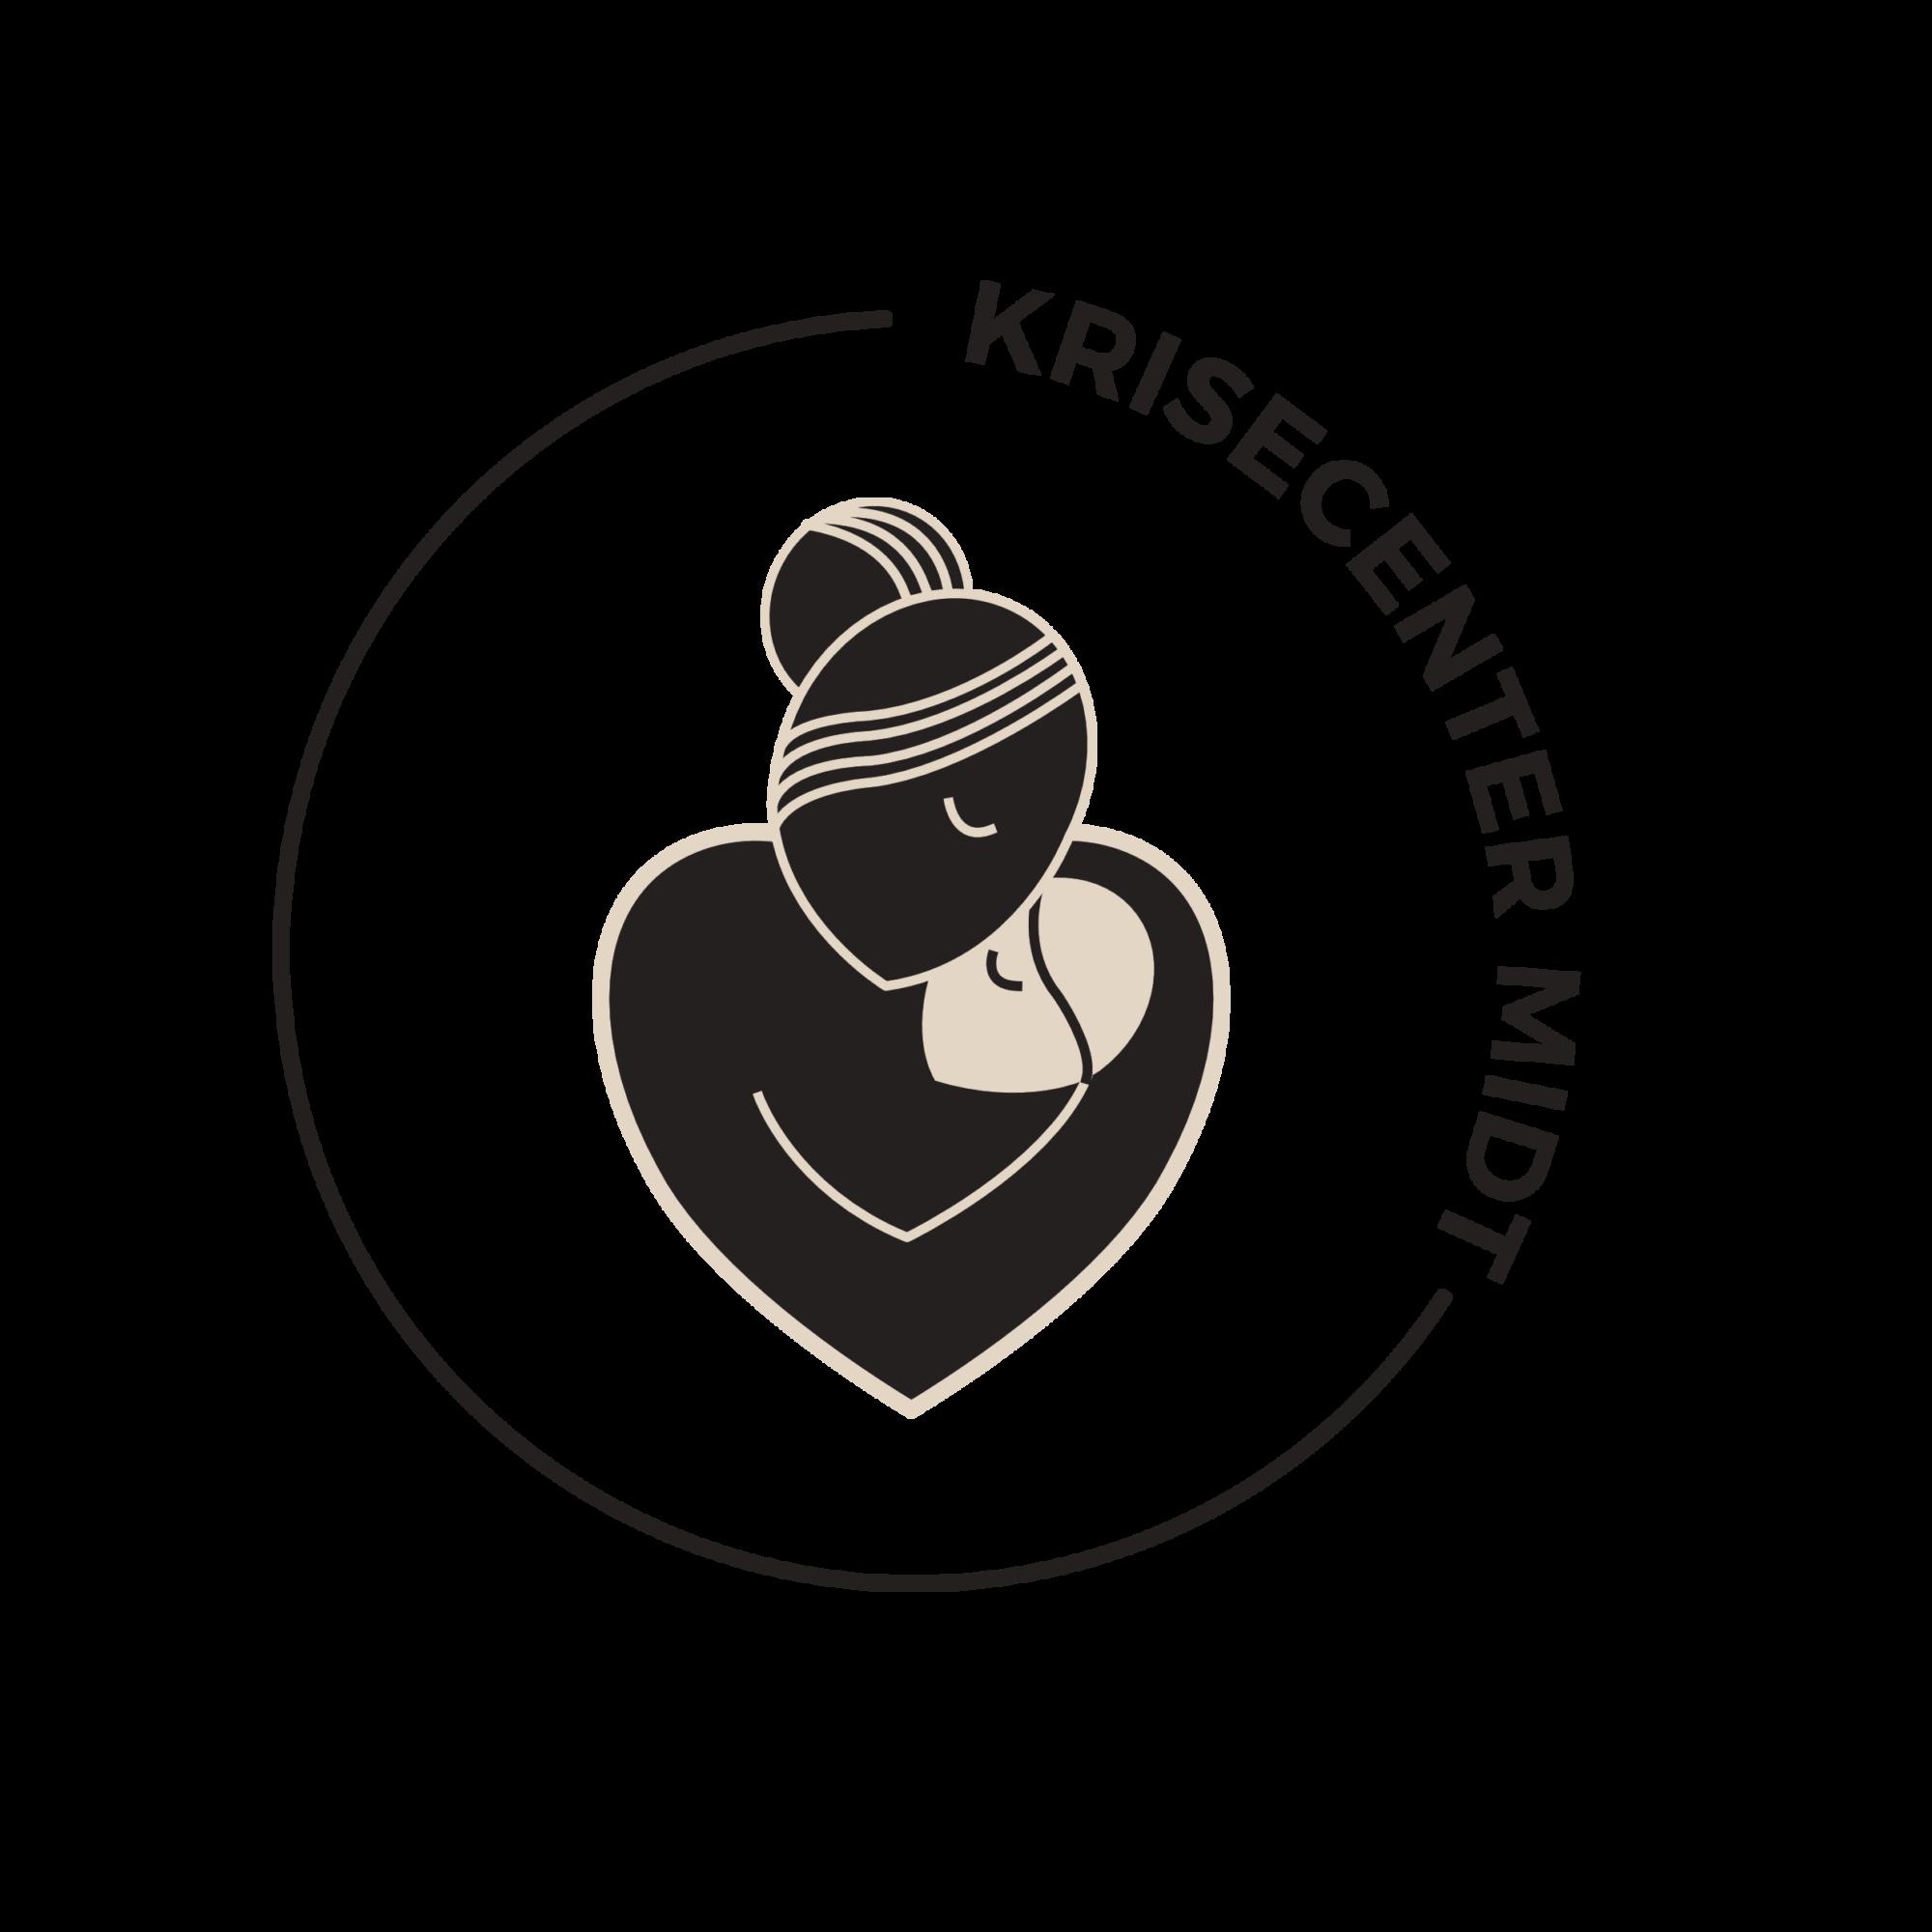 logo-woman-transparent.png